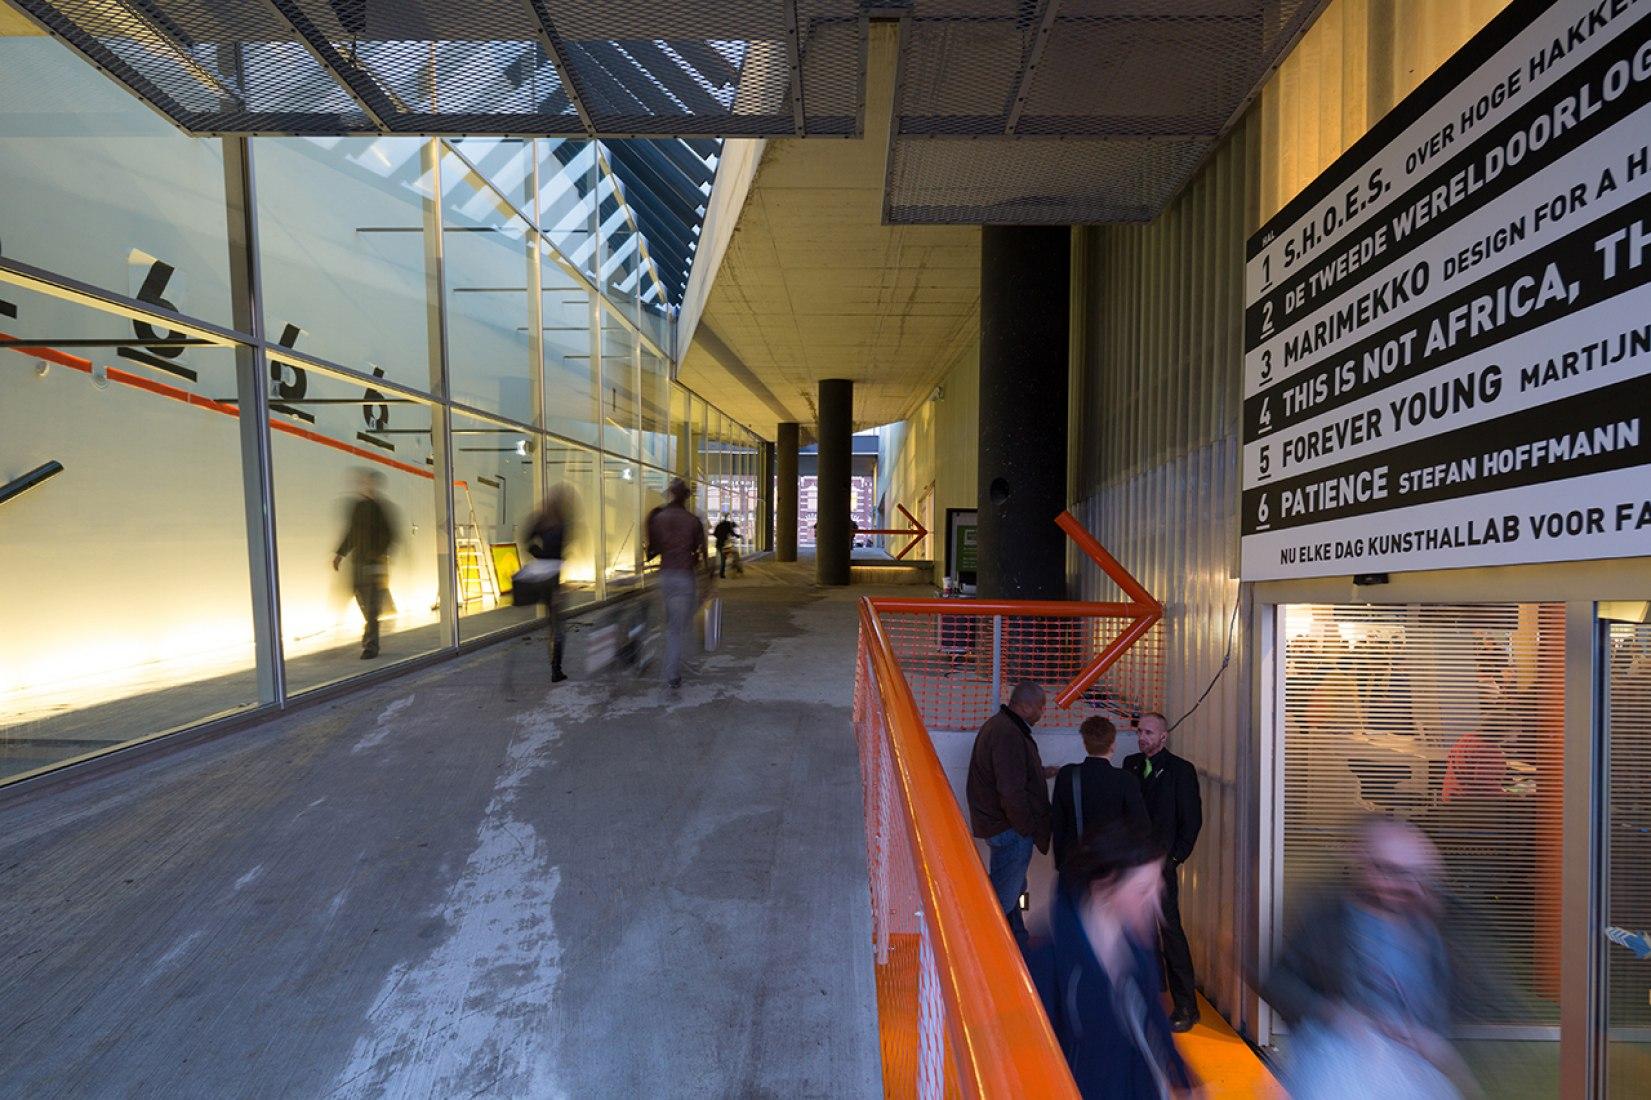 Acceso. Nuevo Kunsthall por OMA. Fotografía © Imagen cortesía de OMA; fotografía por Ossip van Duivenbode.